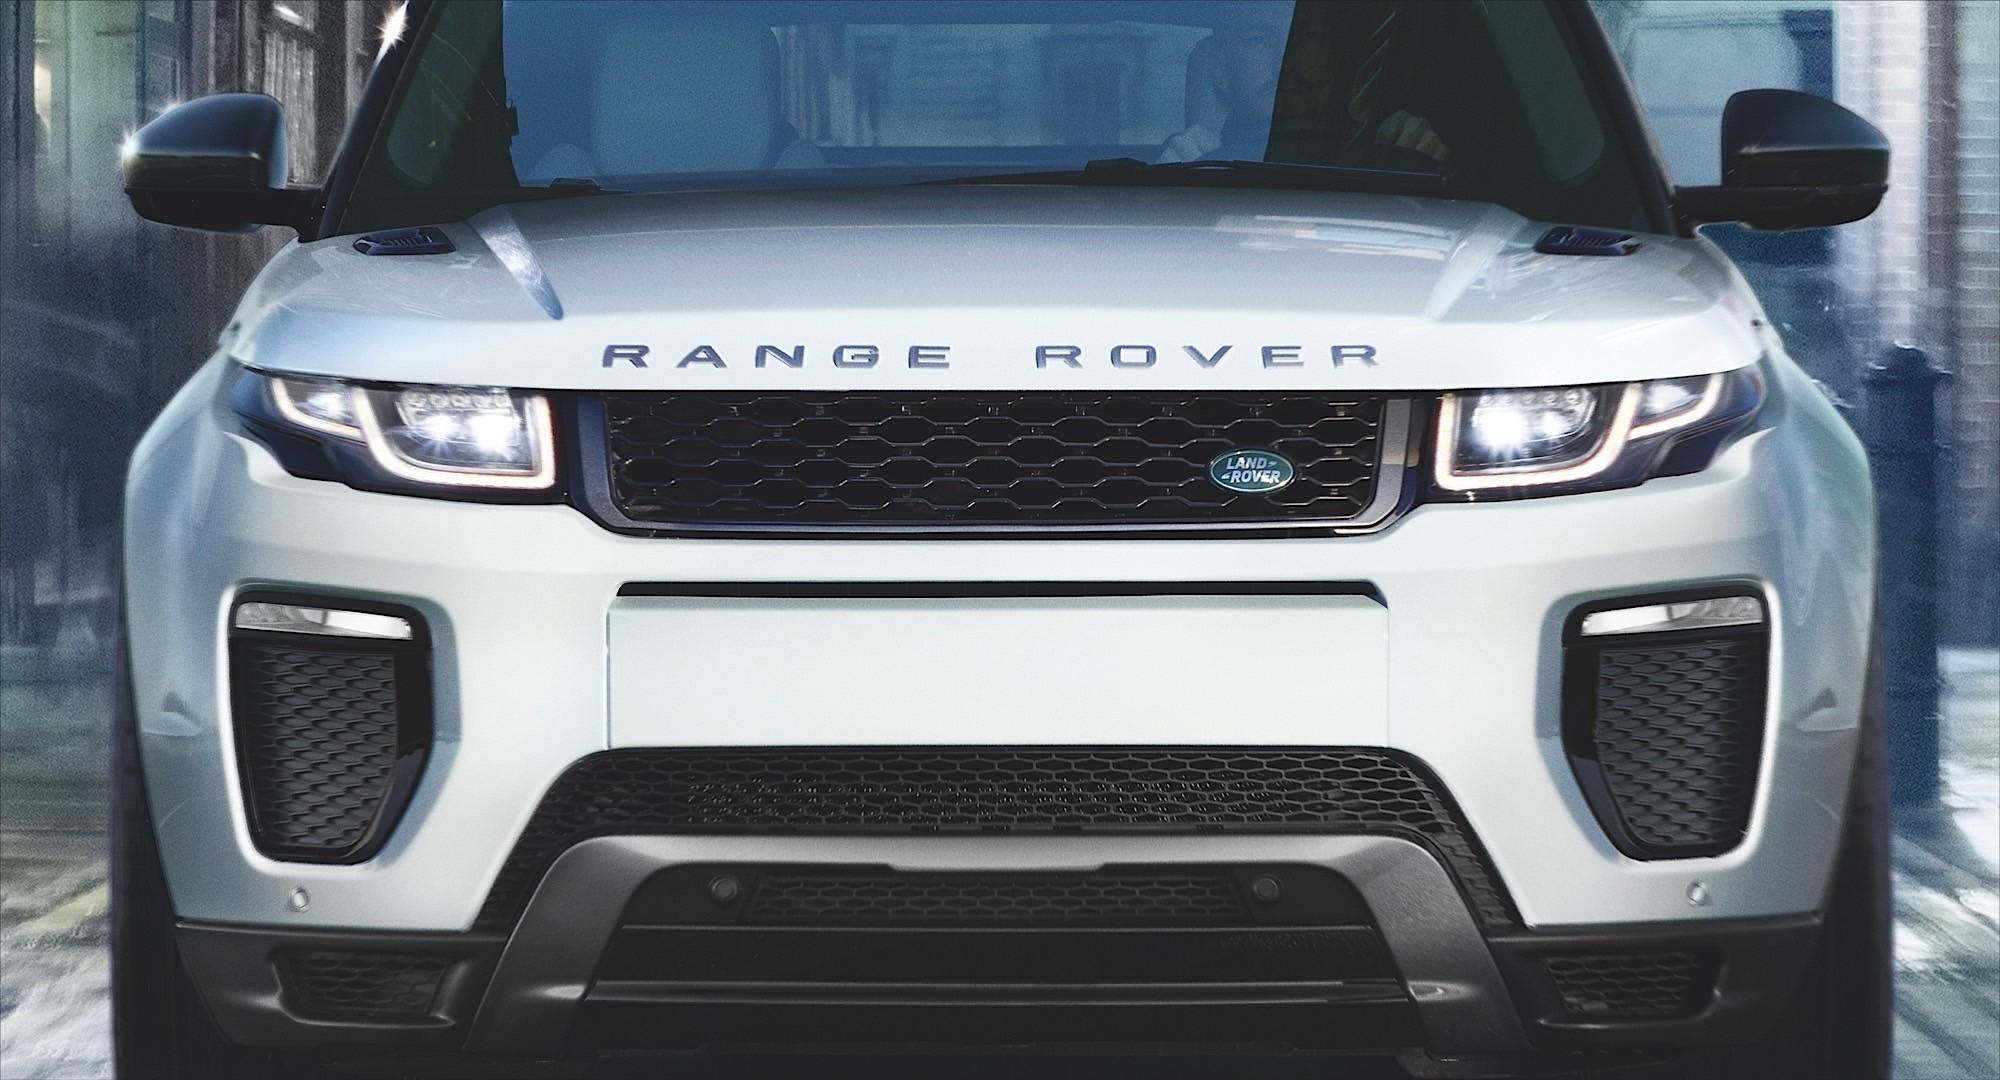 LAND ROVER Range Rover Evoque 3 Door specs 2015 2016 2017